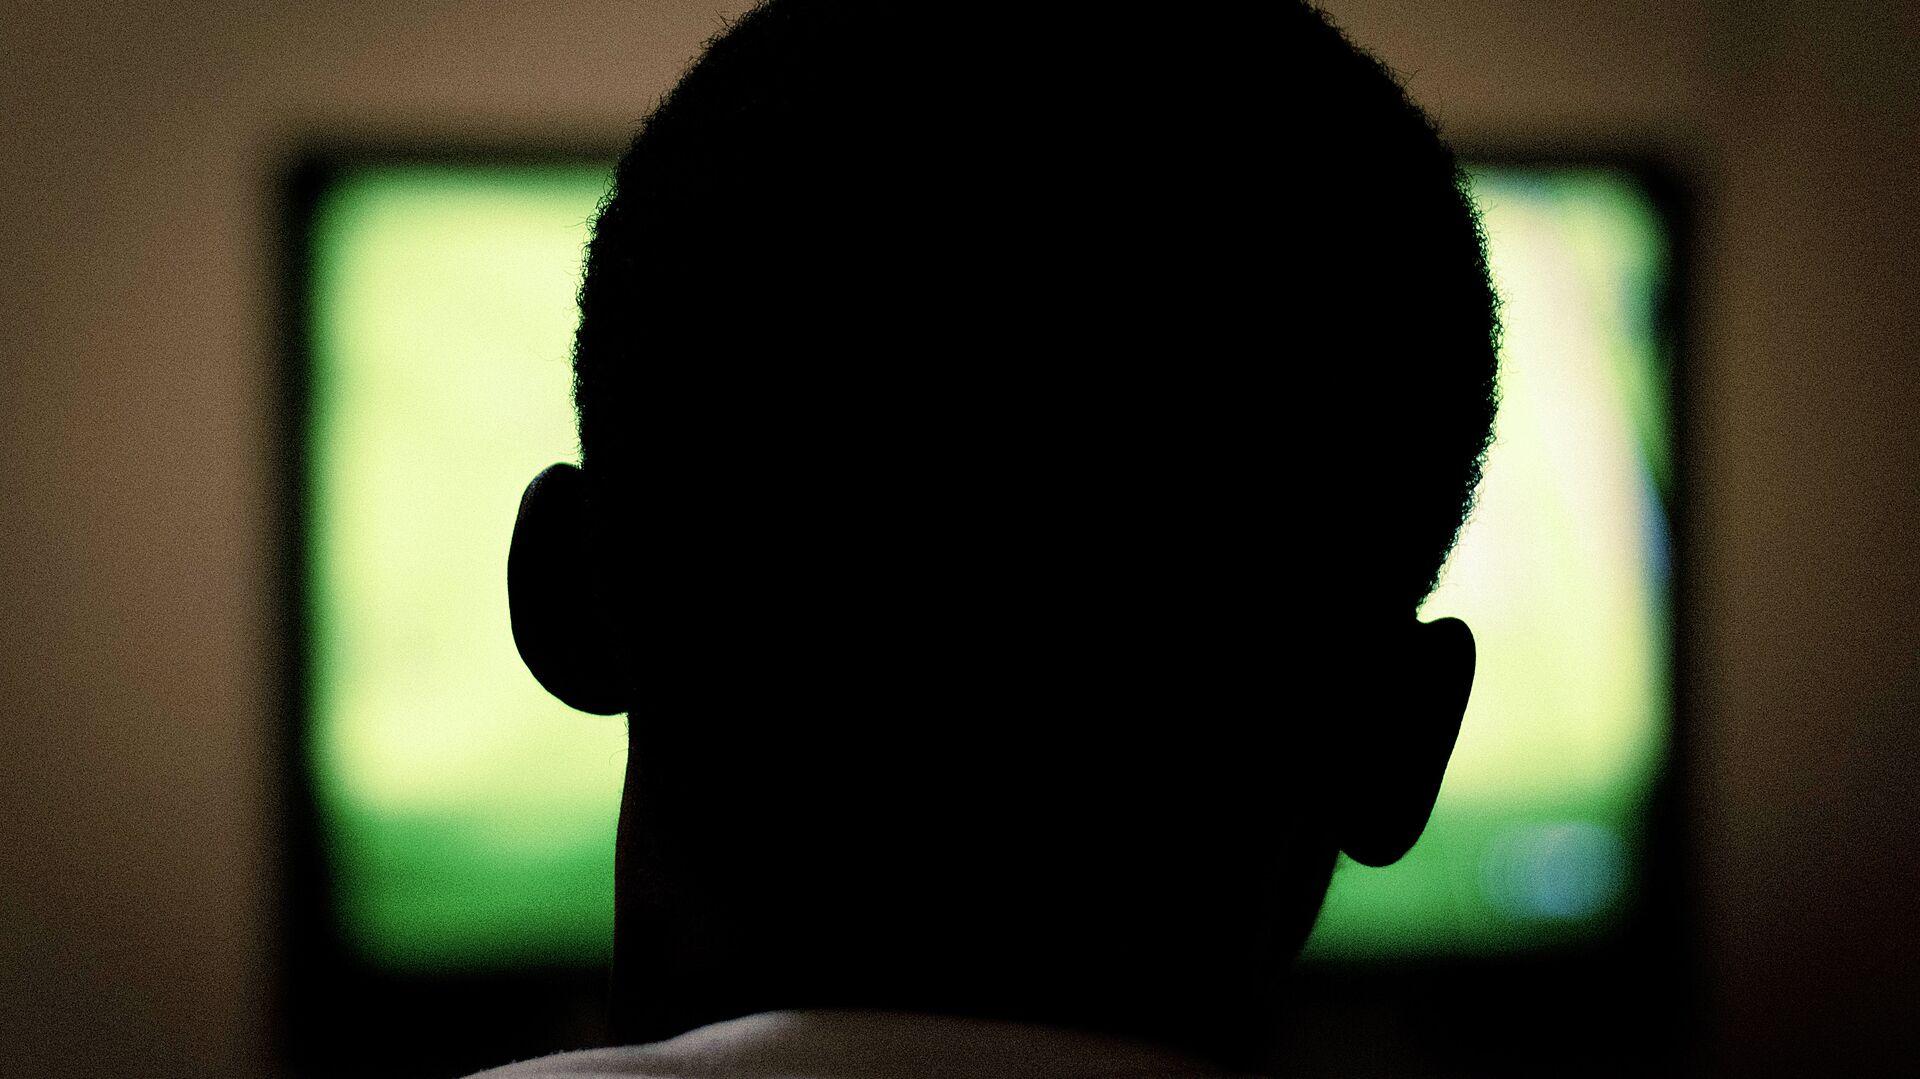 Un hombre ve la televisión - Sputnik Mundo, 1920, 06.10.2021